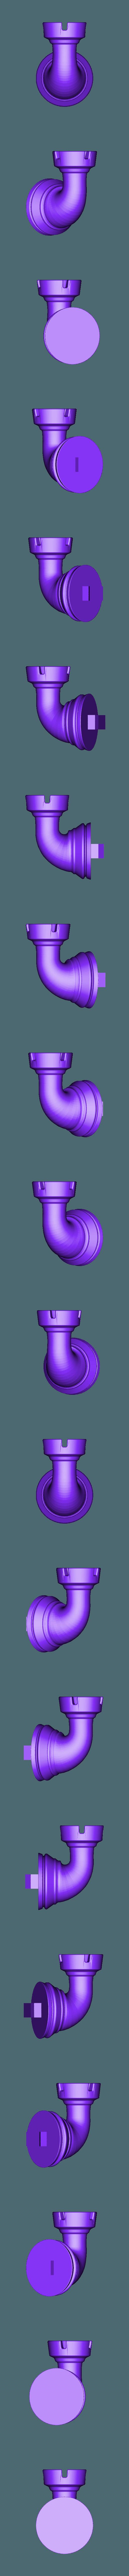 Rook.STL Télécharger fichier STL gratuit Échiquier vertical, alias l'Échiquier à l'épreuve des chats • Design à imprimer en 3D, SSilver